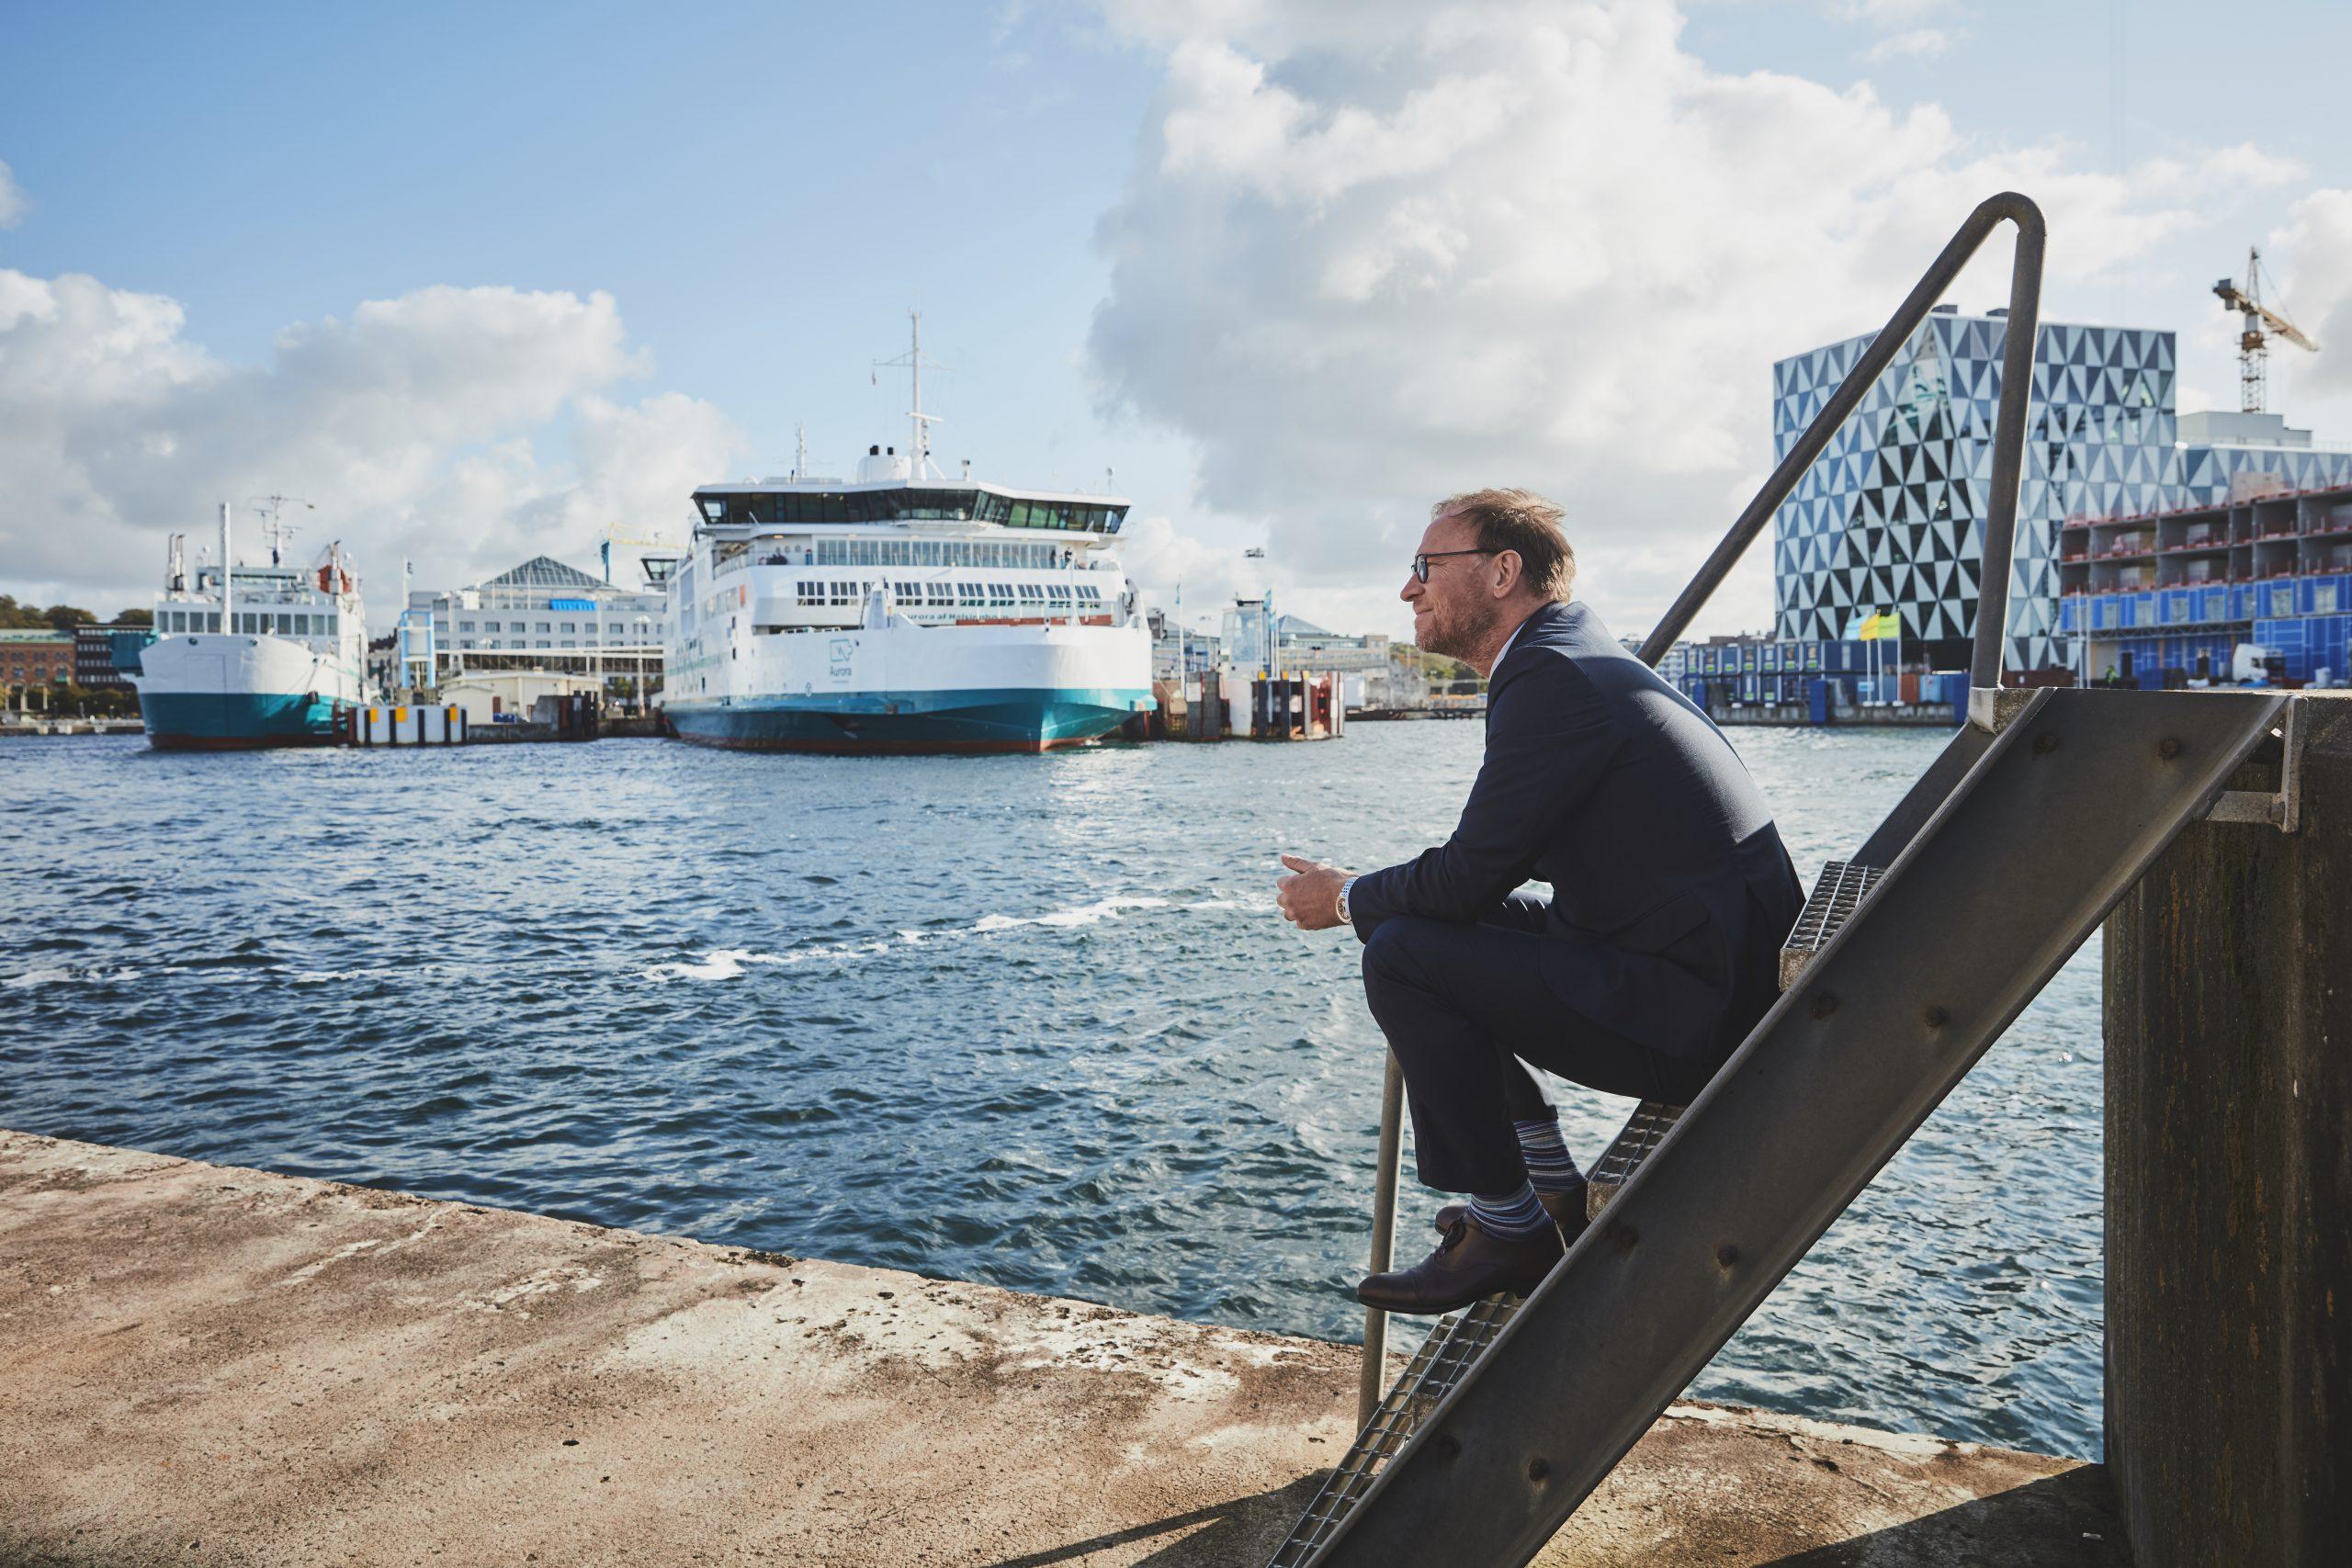 ForSea Ferries, der sejler mellem Helsingborg og Helsingør, ser igen stigende trafiktal. Her sidder rederiets administrerende direktør, Kristian Durhuus, på kajen. Under normale omstændigheder har ForSea 100 daglige afgange på ruten. PR-foto: ForSea Ferries.